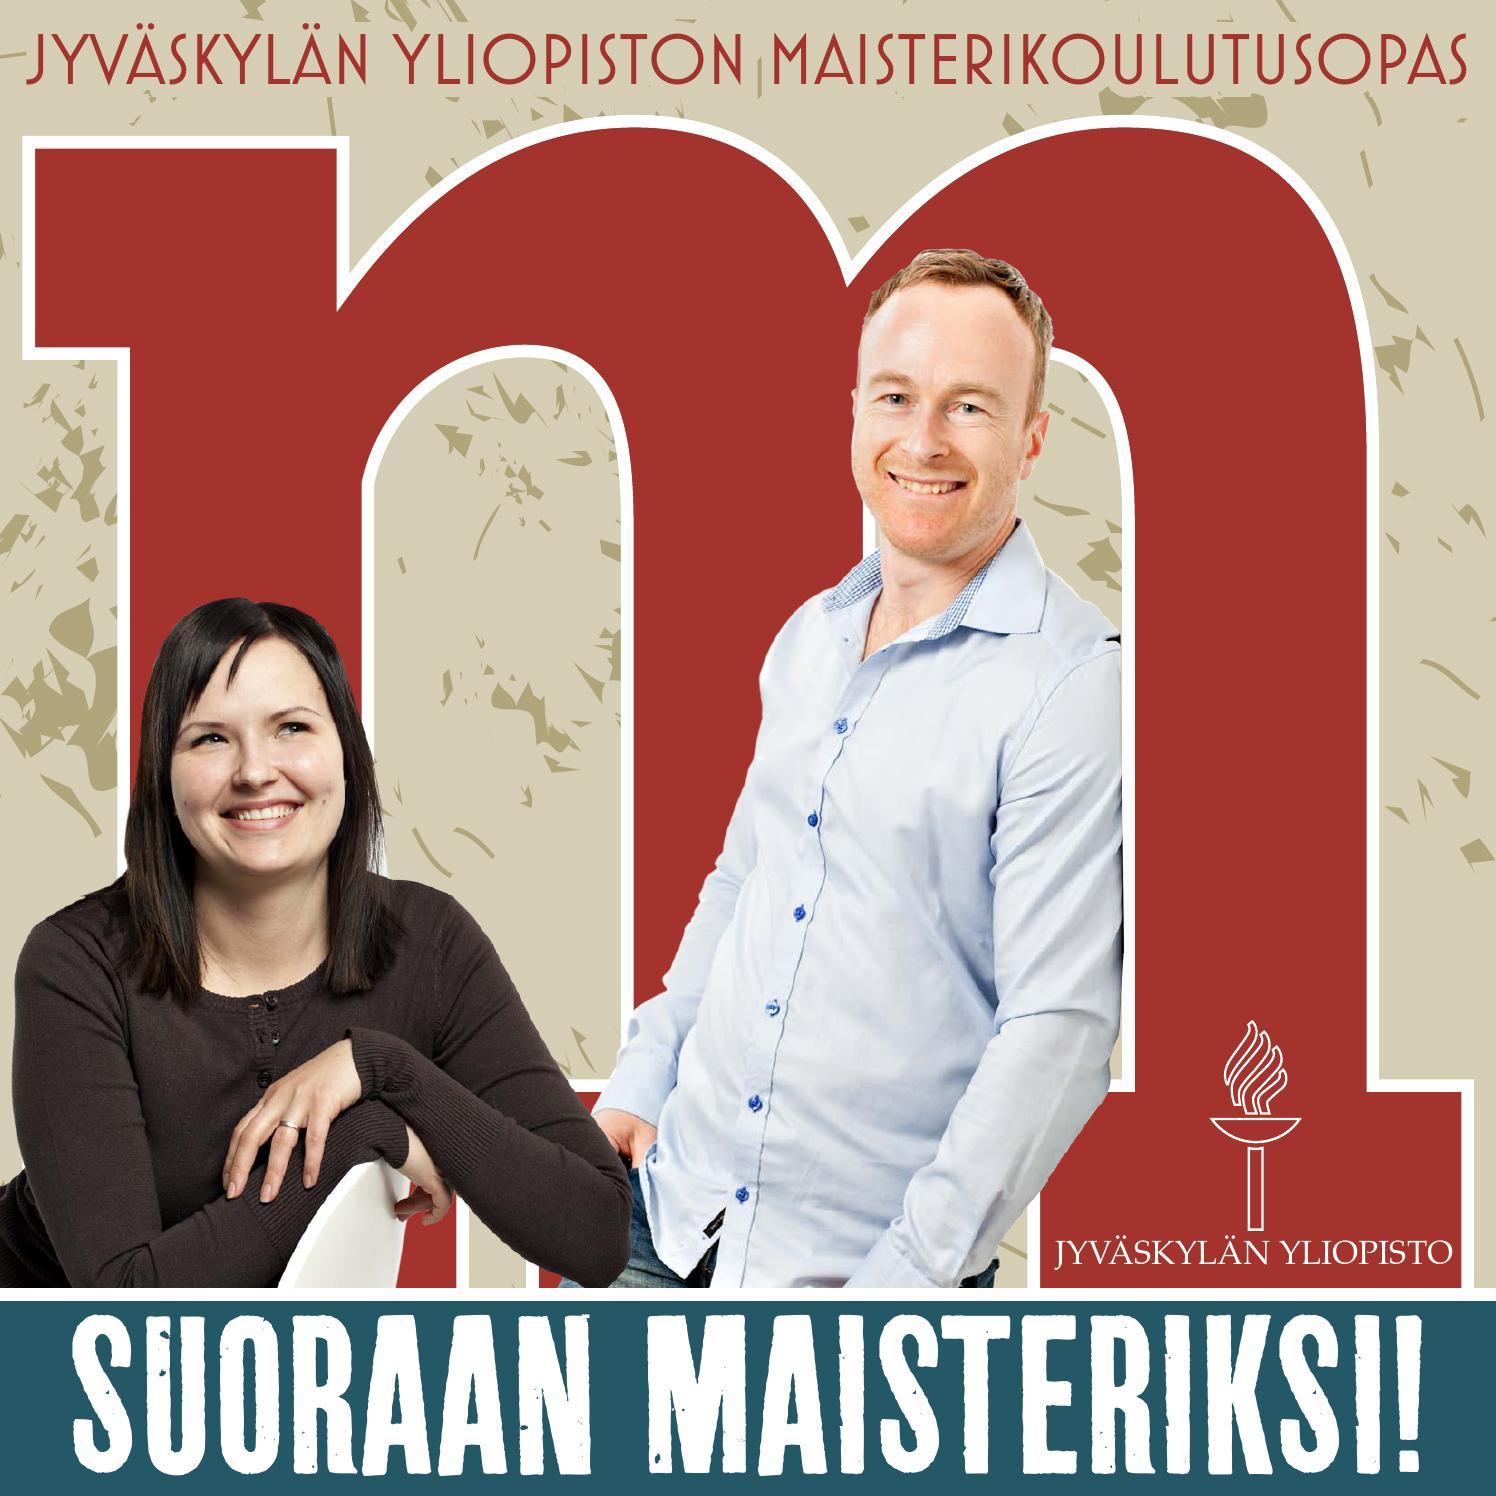 Maisterikoulutusopas 2014, Jyväskylän yliopisto by University of Jyvaskyla - Issuu